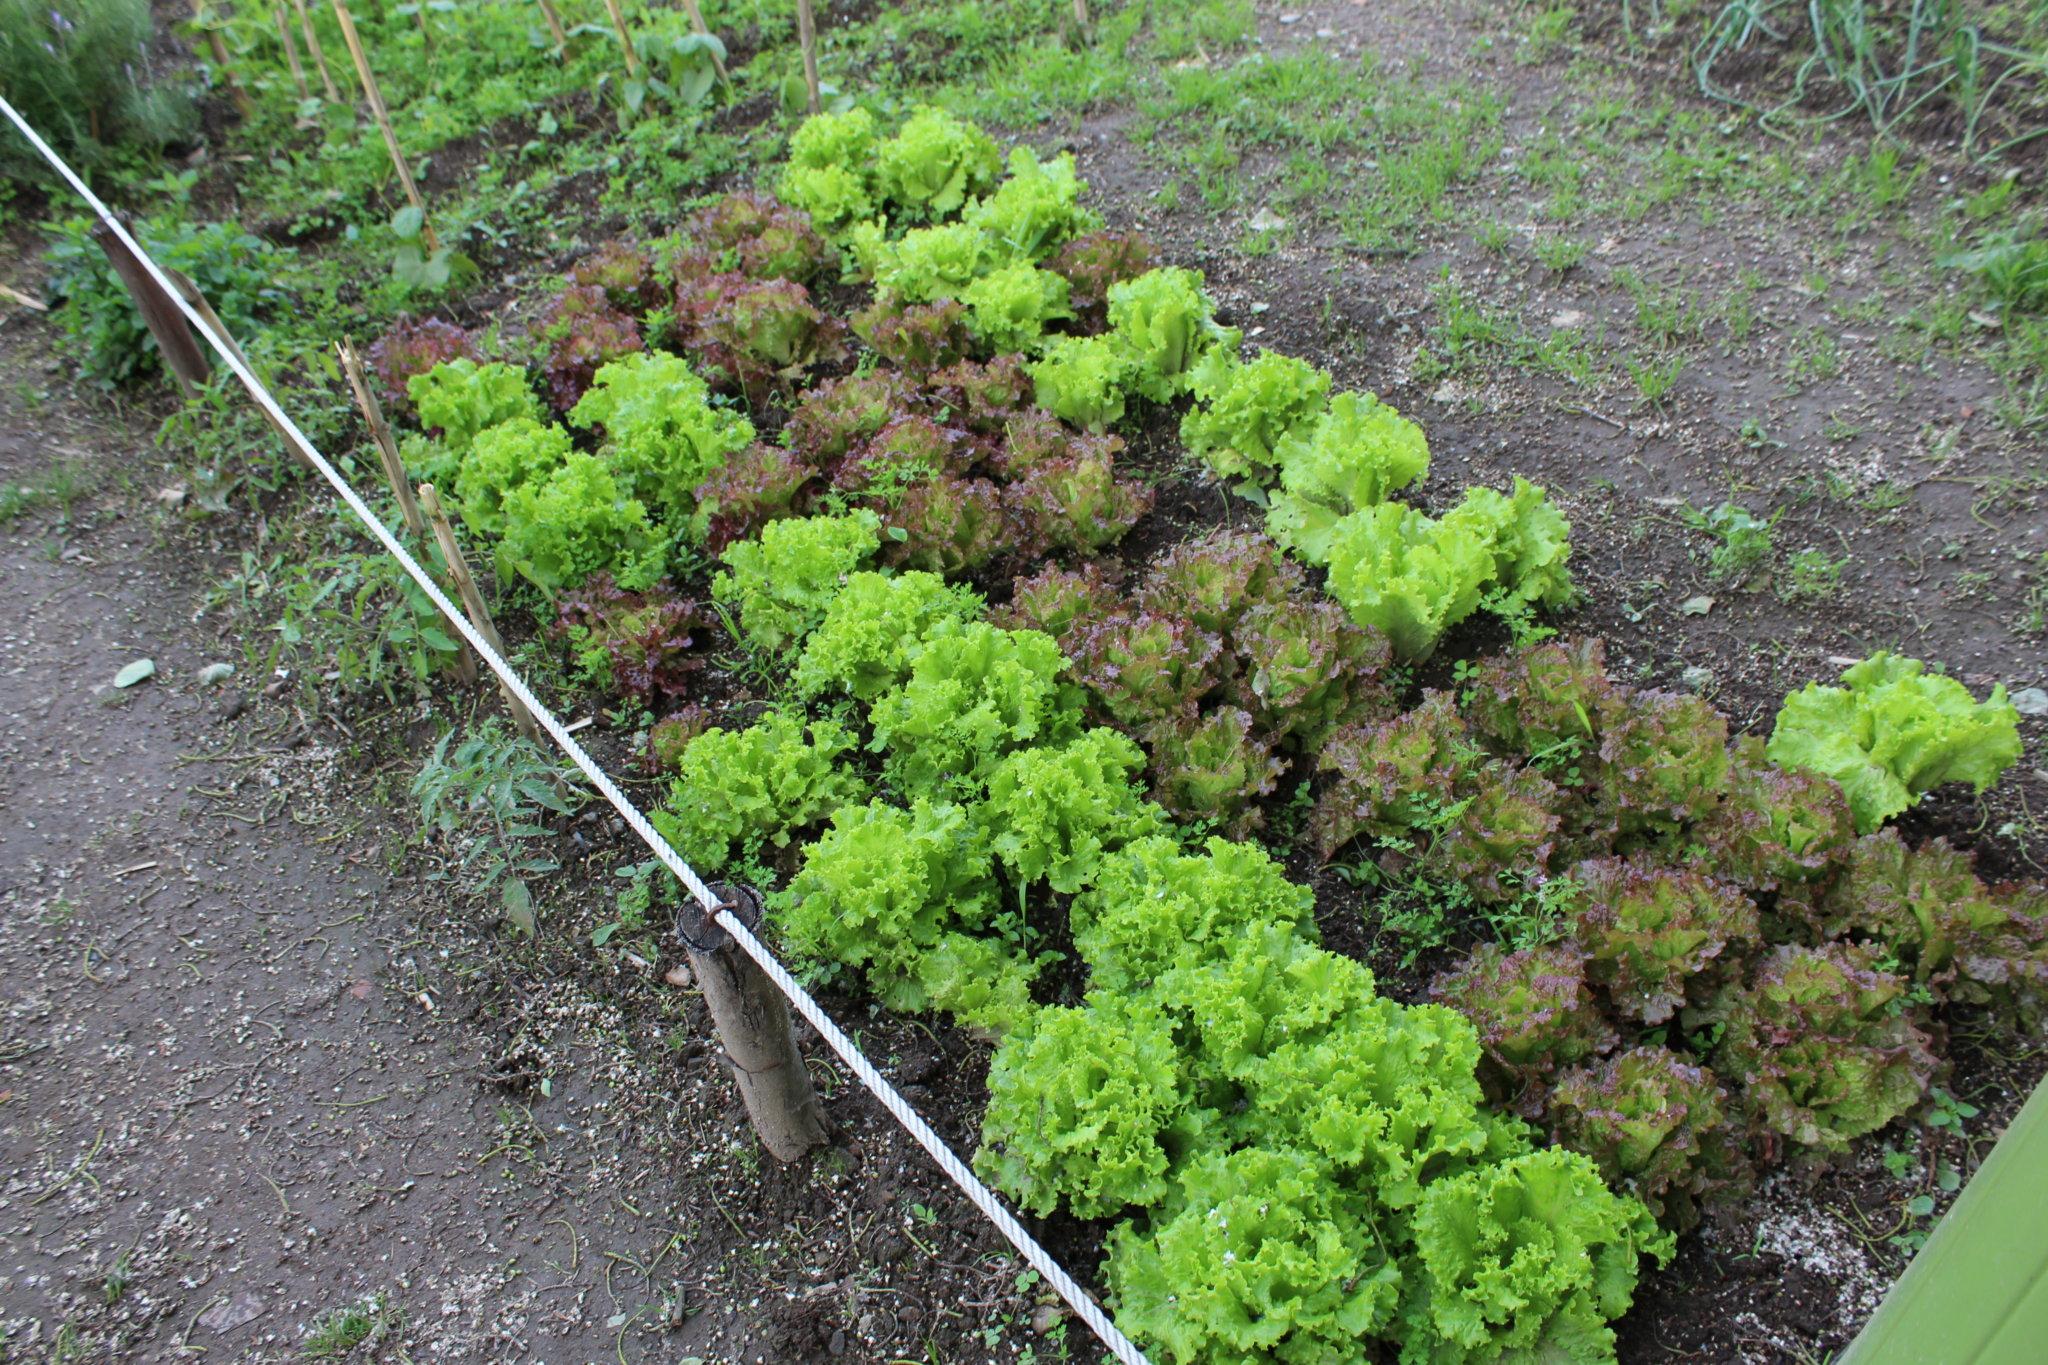 Pormenor de uma pequena parcela de alfaces, vegetal presente em praticamente todos os lotes.